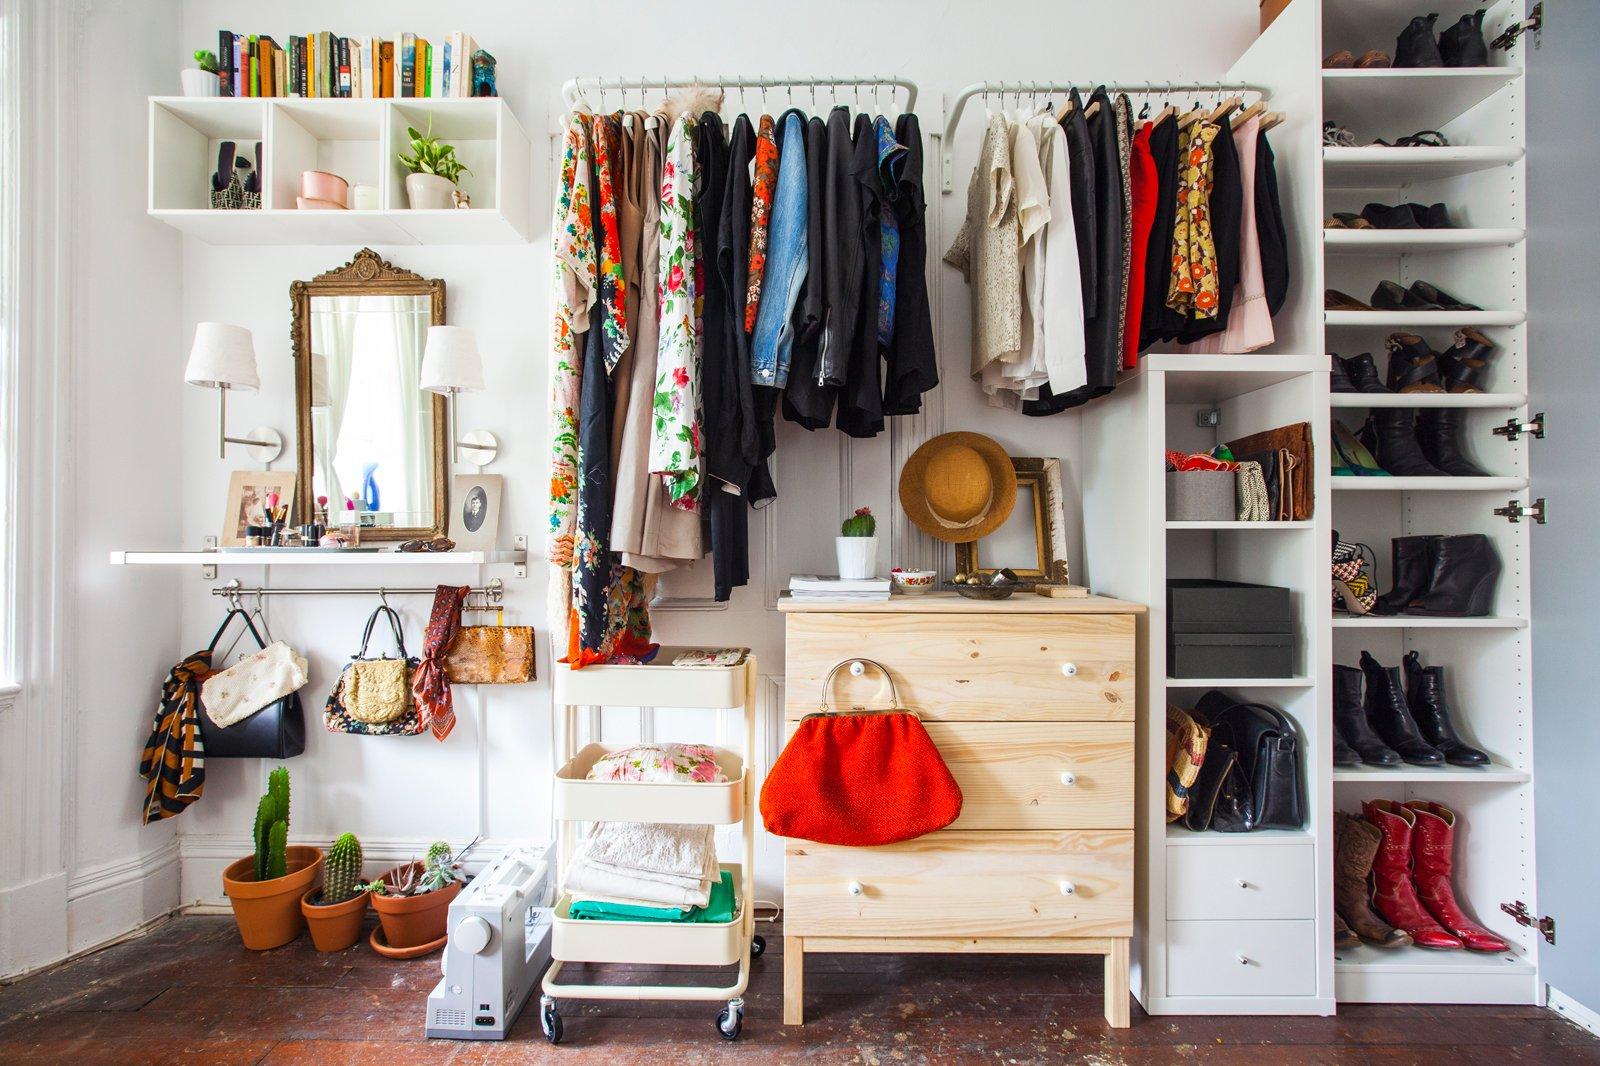 20 soluciones pr cticas para casas y espacios peque os for Ideas para aprovechar espacios pequenos